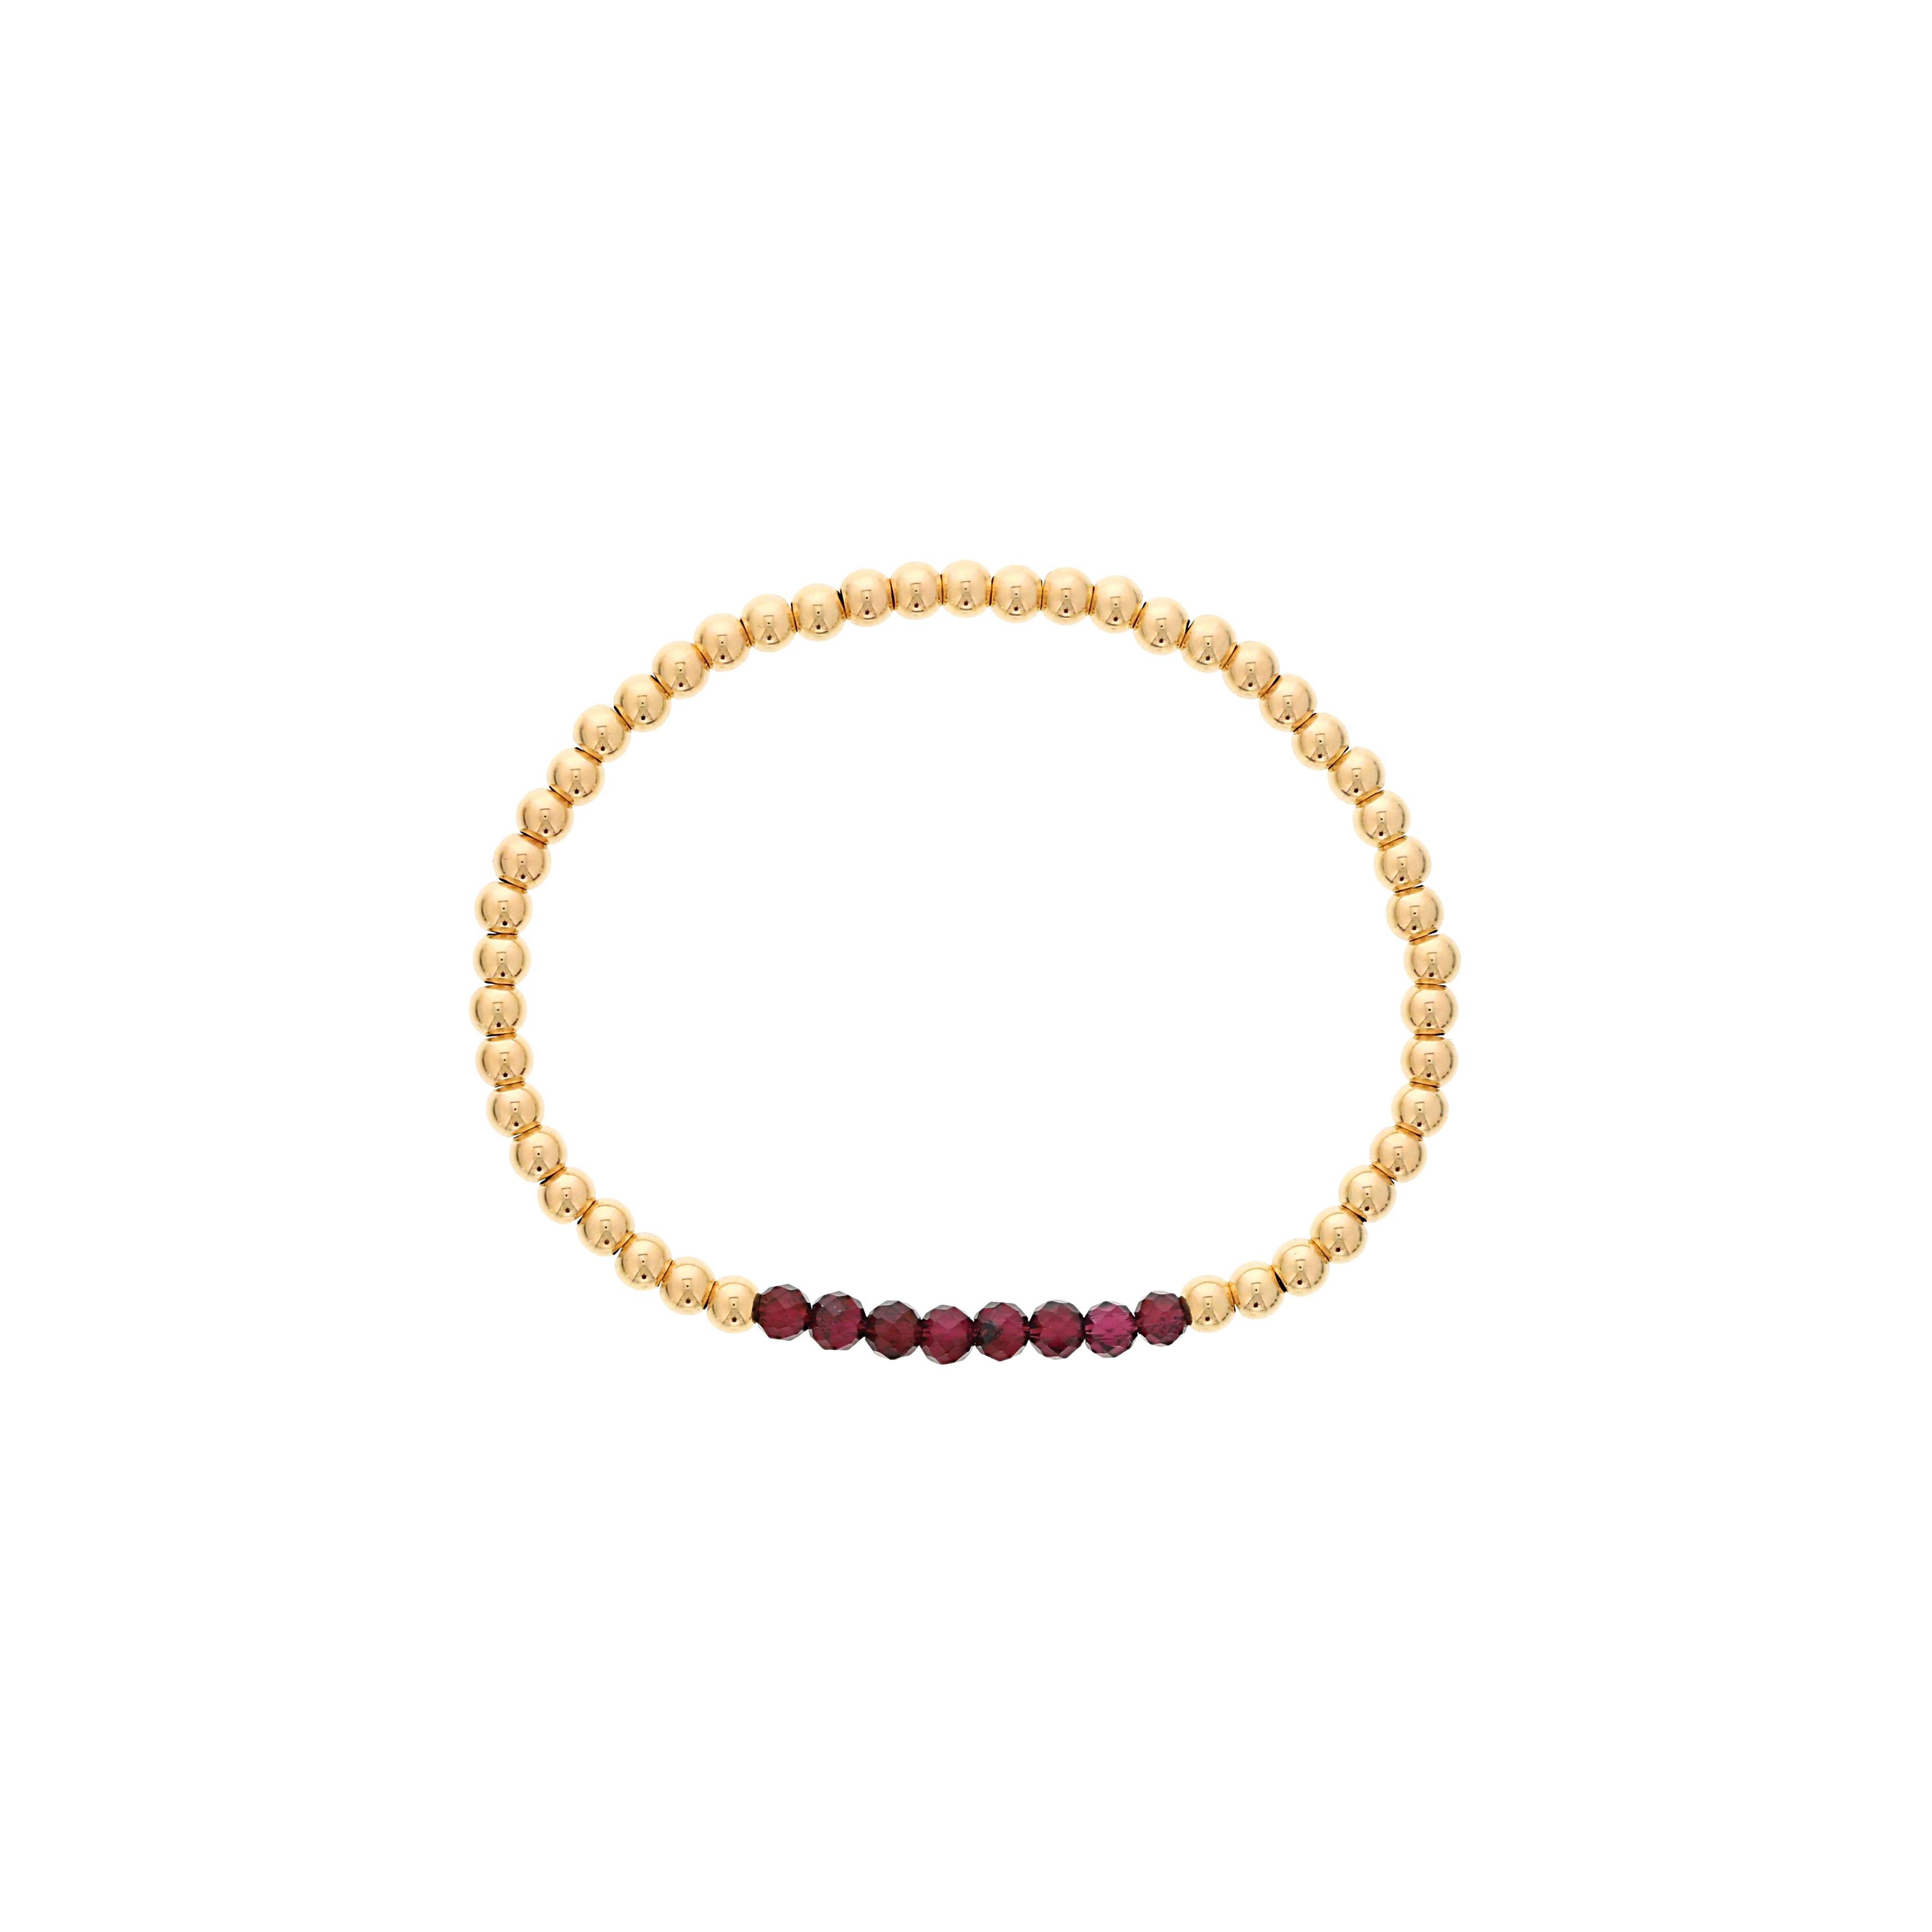 Garnet Birthstone Beaded Bracelet Gold Filled